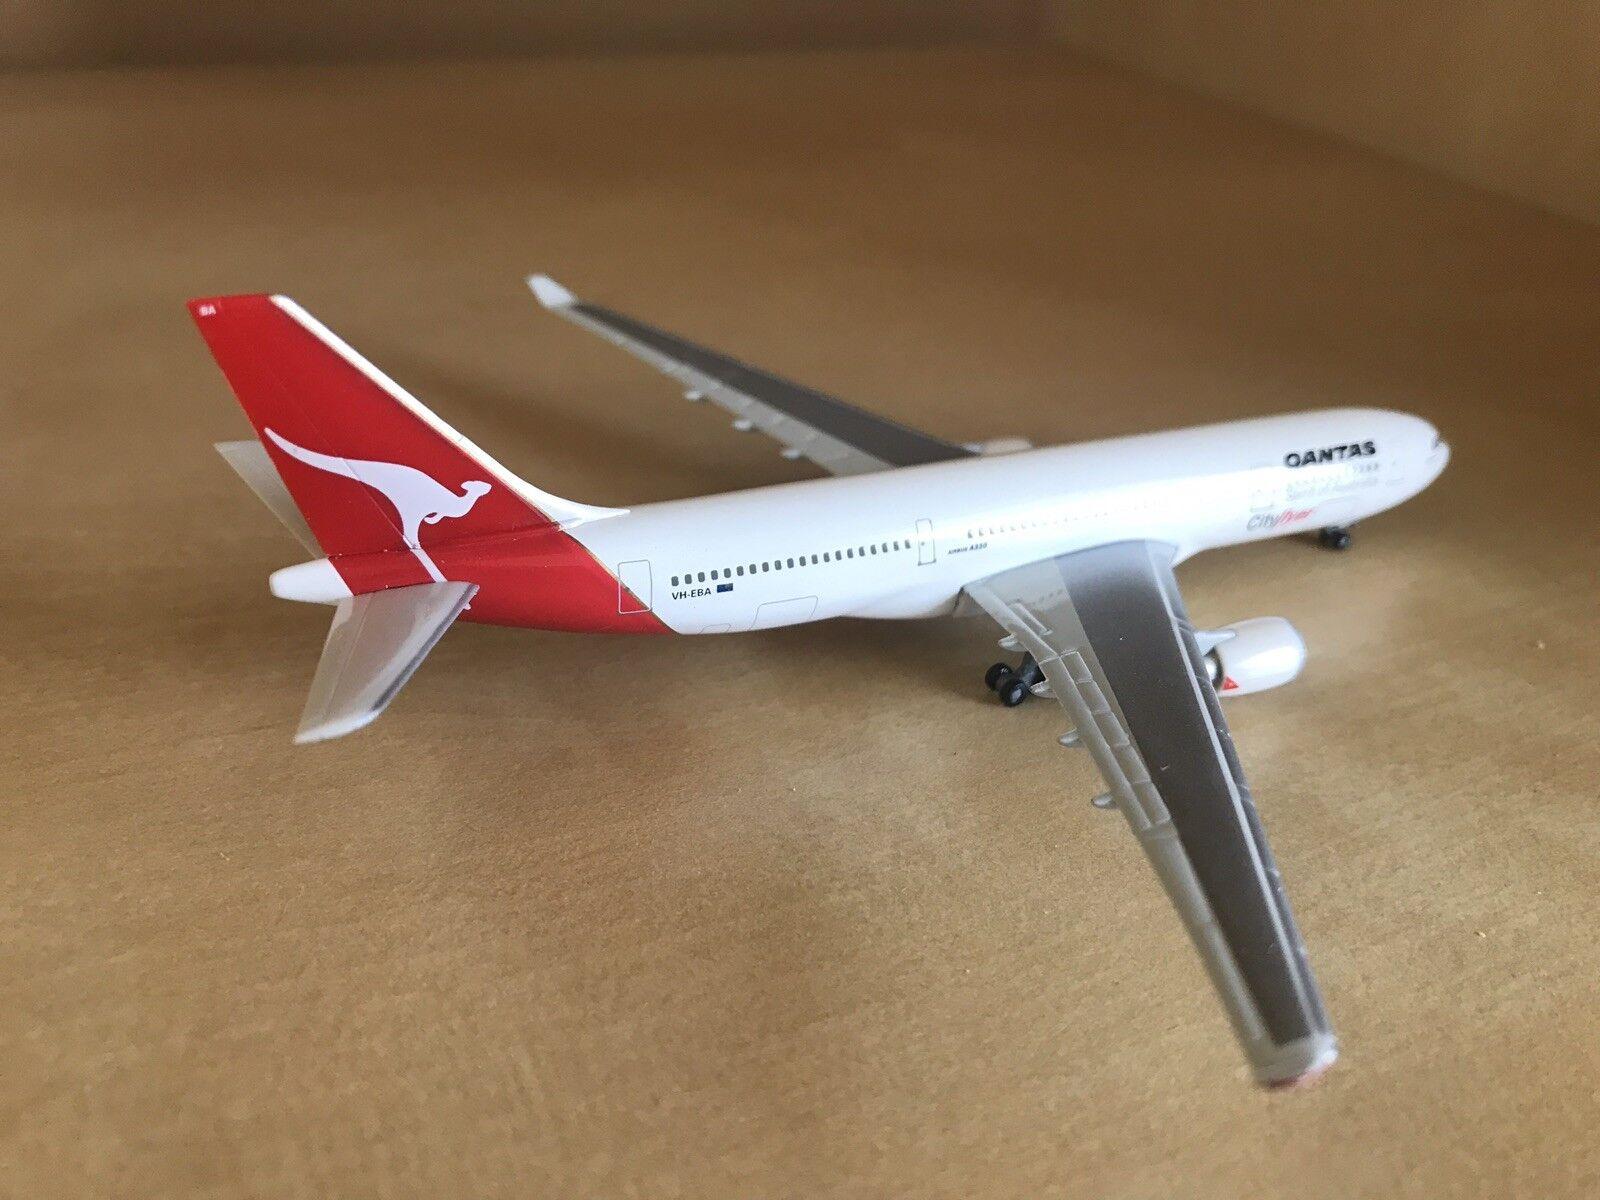 """Qantas """"Cityflyer"""" """"Cityflyer"""" """"Cityflyer"""" Airbus 330-200 1 500 Scale Model By Herpa bfad37"""